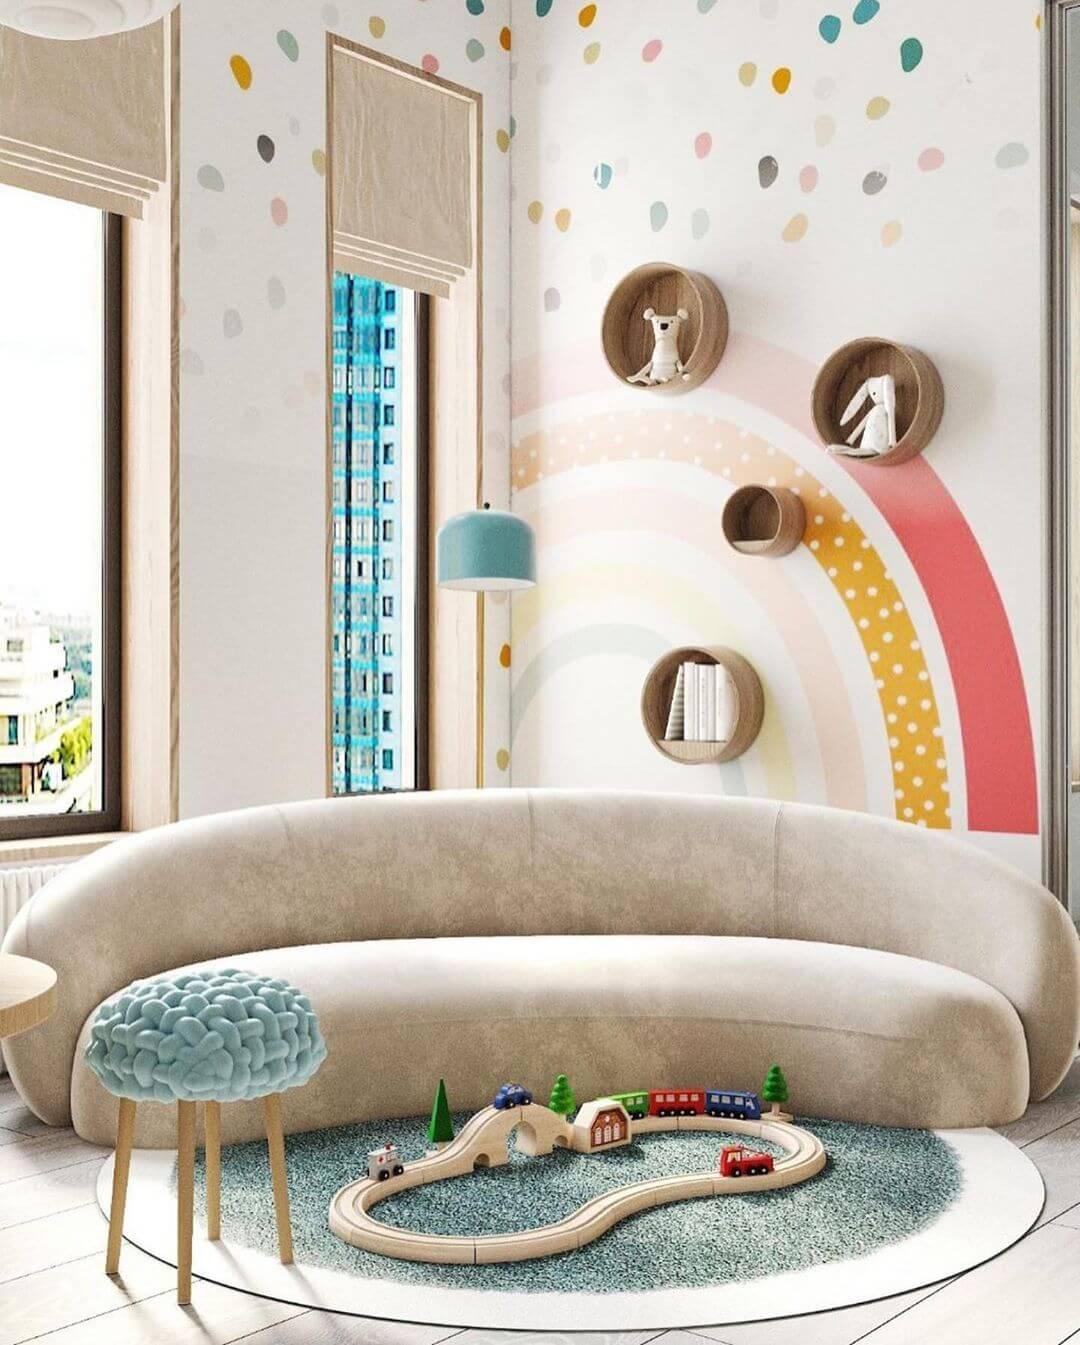 Дизайн интерьера игровой комнаты 5